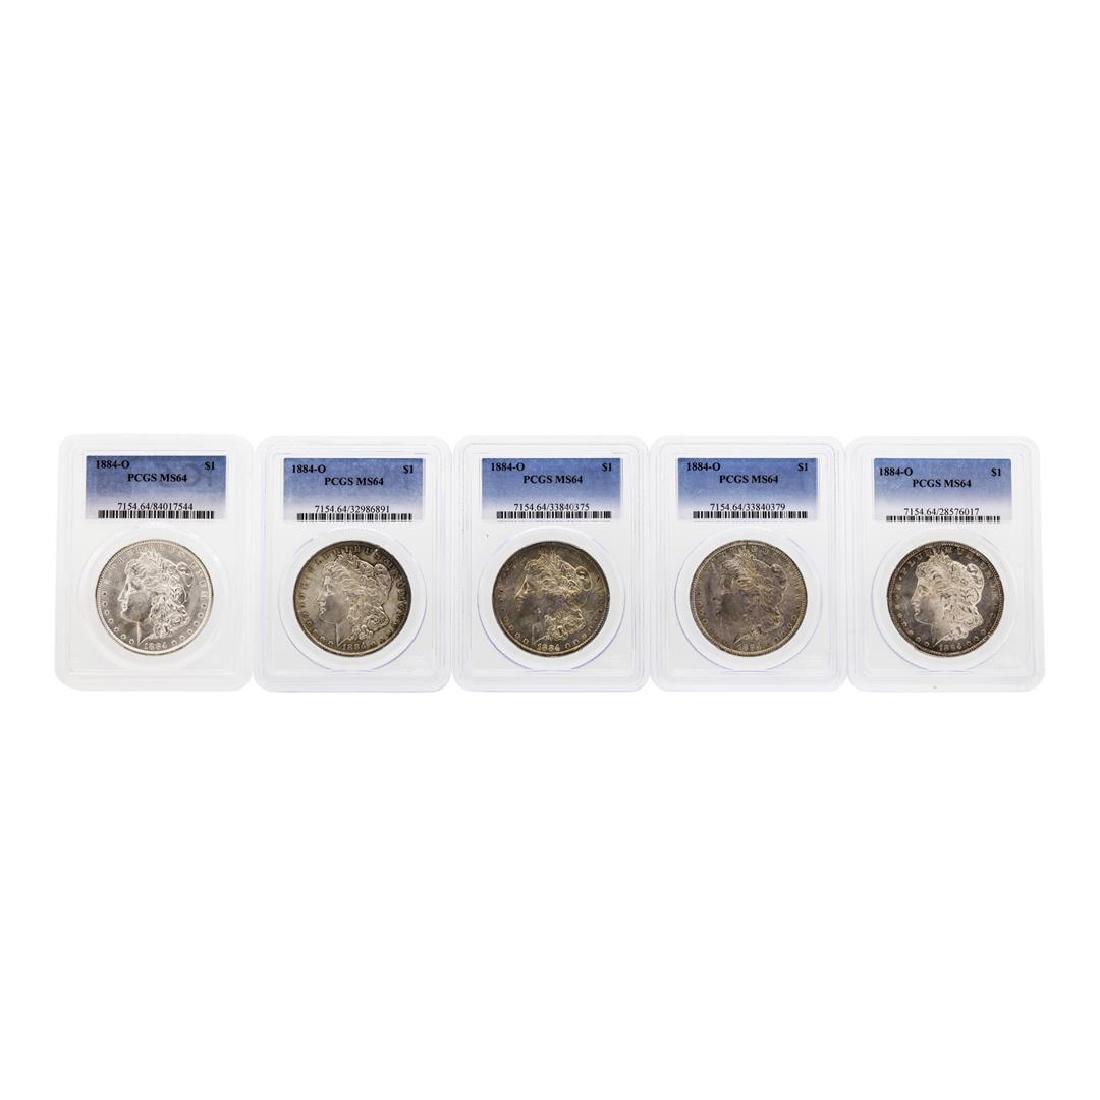 Lot of (5) 1884-O $1 Morgan Silver Dollar Coin PCGS